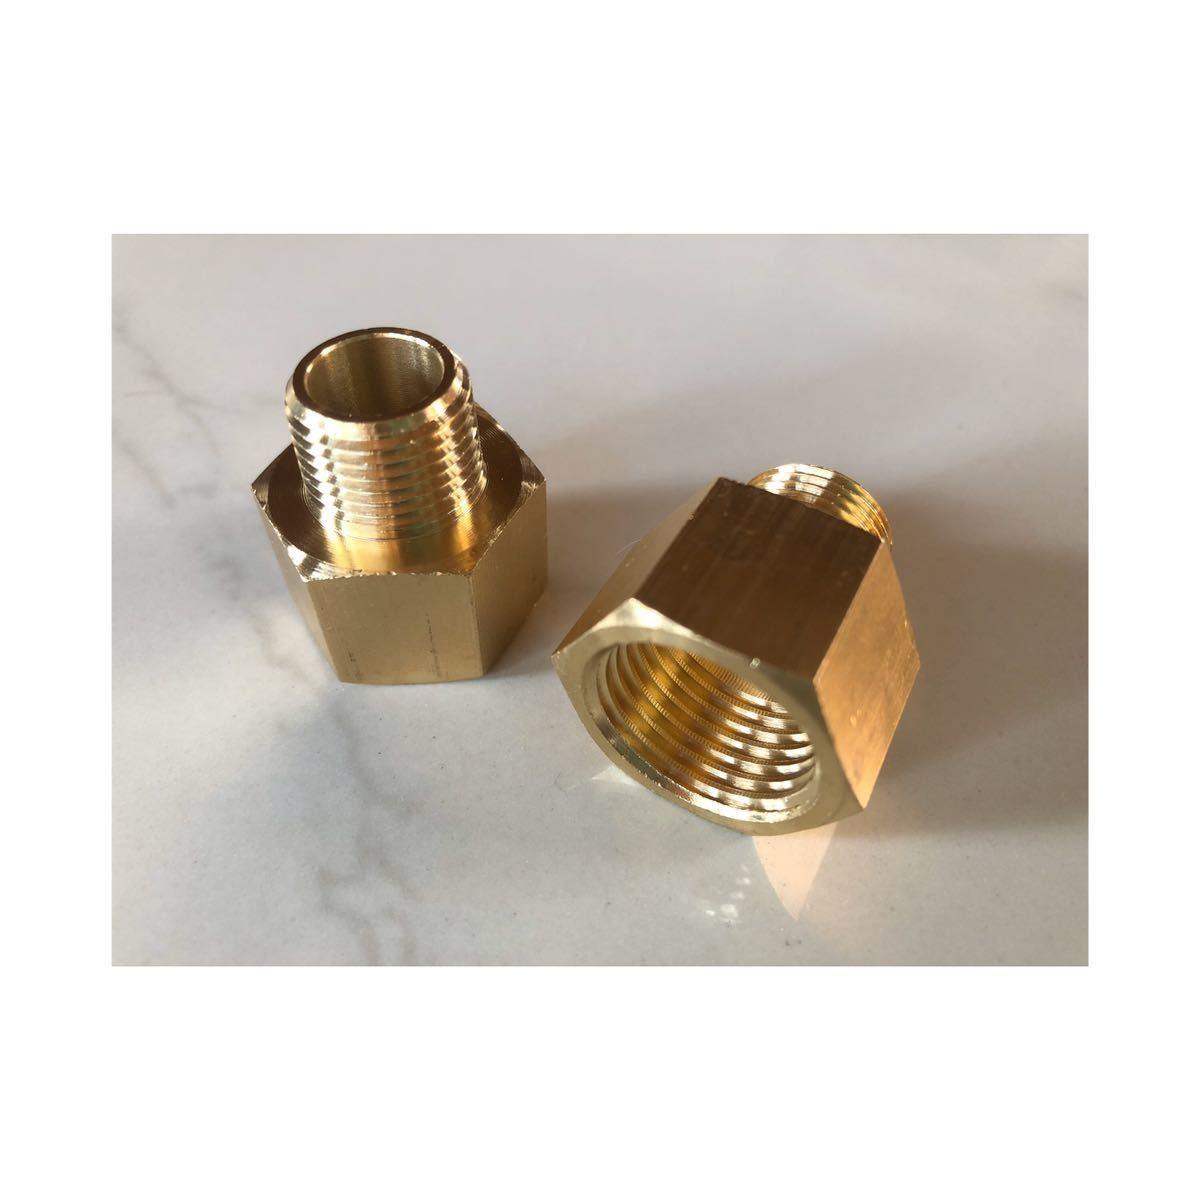 新品KOHLER、GROHE水栓用アダプター (日本仕様への継手)G3/8→1/2 水栓末端ナット内径約16mmに適合_画像1